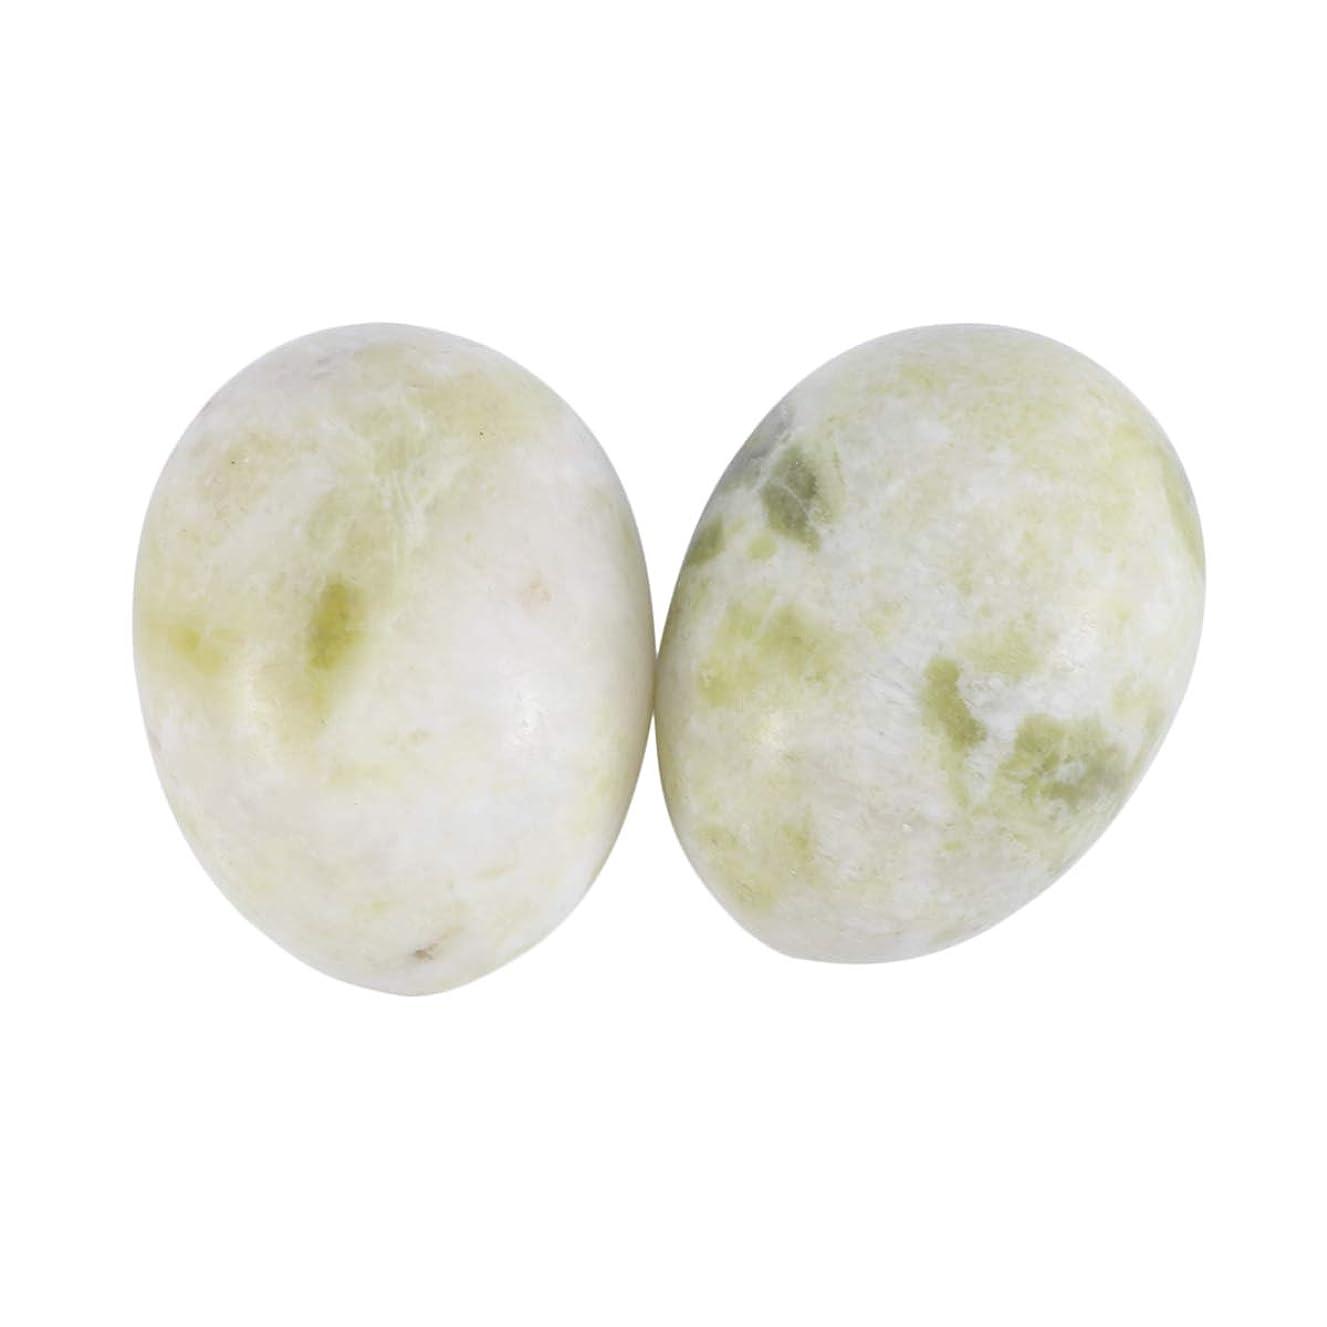 SUPVOX 6本ネフライトジェイドヨニエッグジェイドヨニマッサージストーンチャクラ骨盤筋肉癒しの卵マッサージケゲルエクササイズ(Lantian Jade Egg)